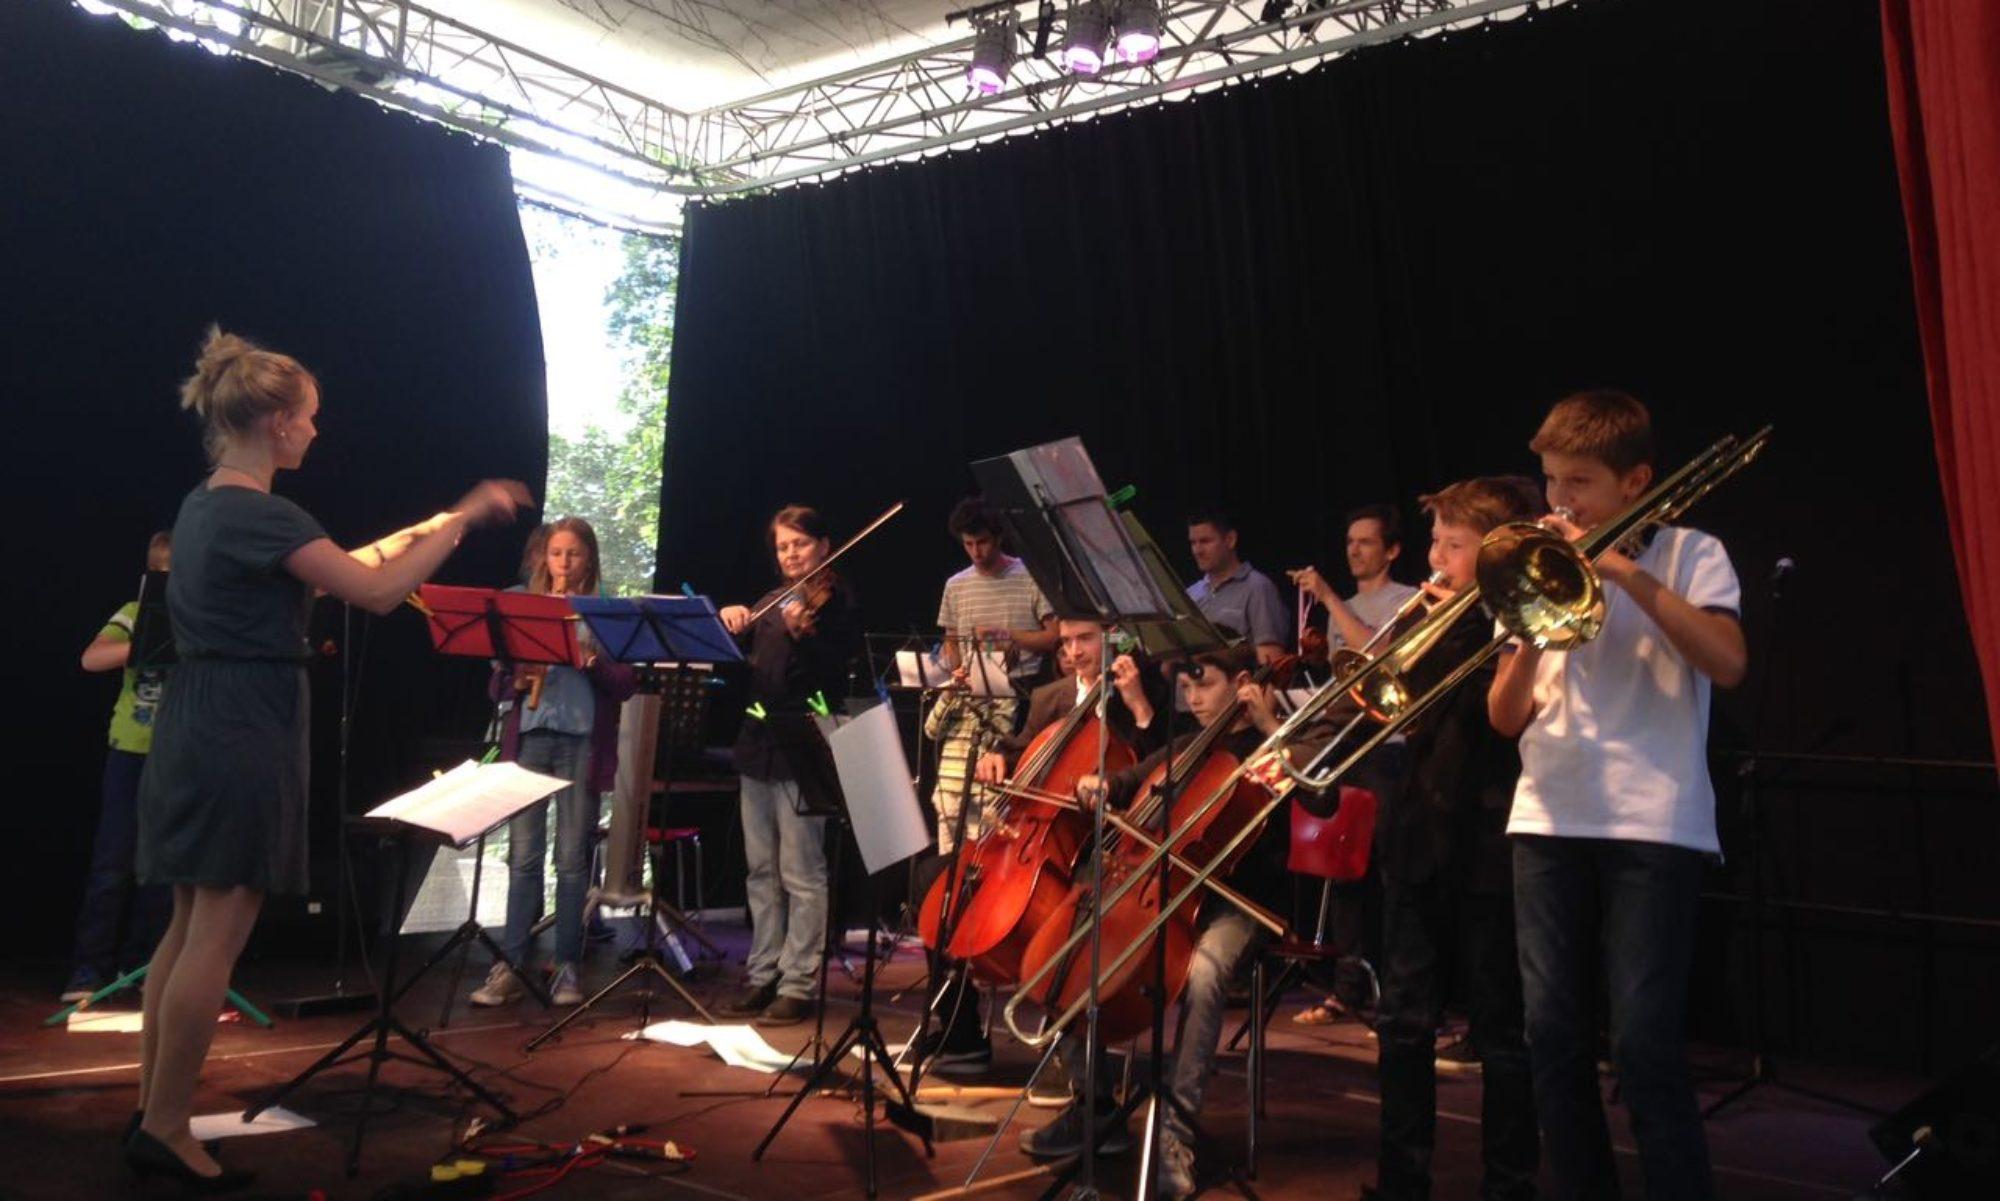 Kinderorchester Vivace München